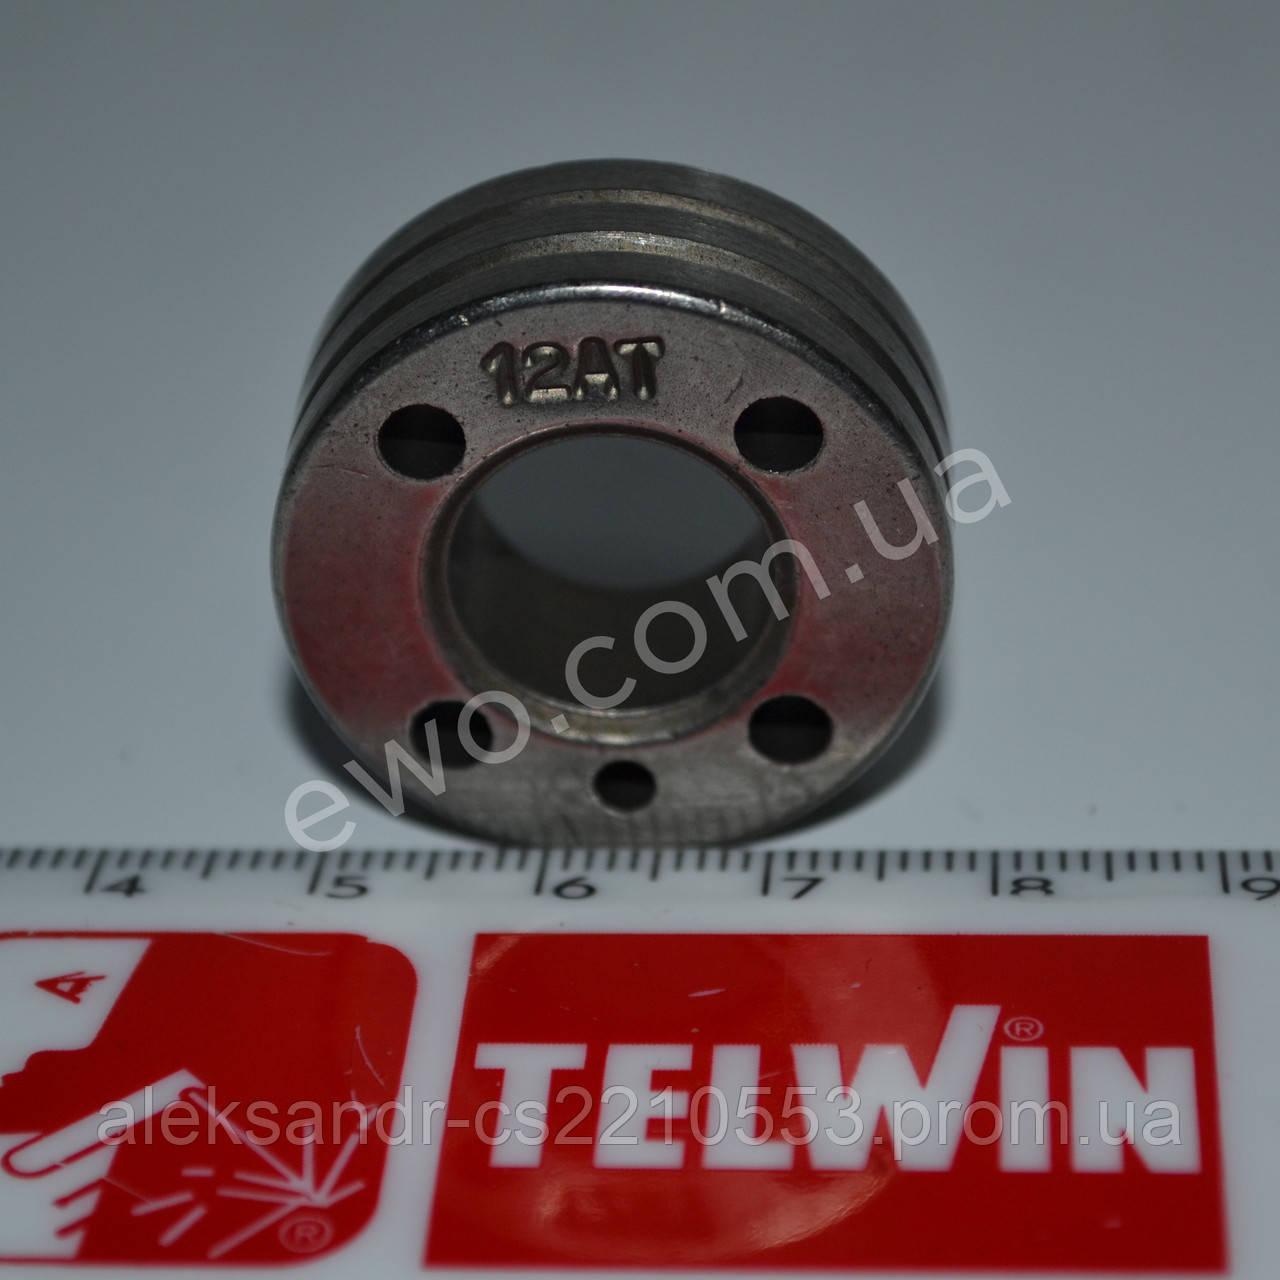 Telwin 722169 - Ролик подаючого механізму під Al (алюміній) дрід 1.2-1.6 мм